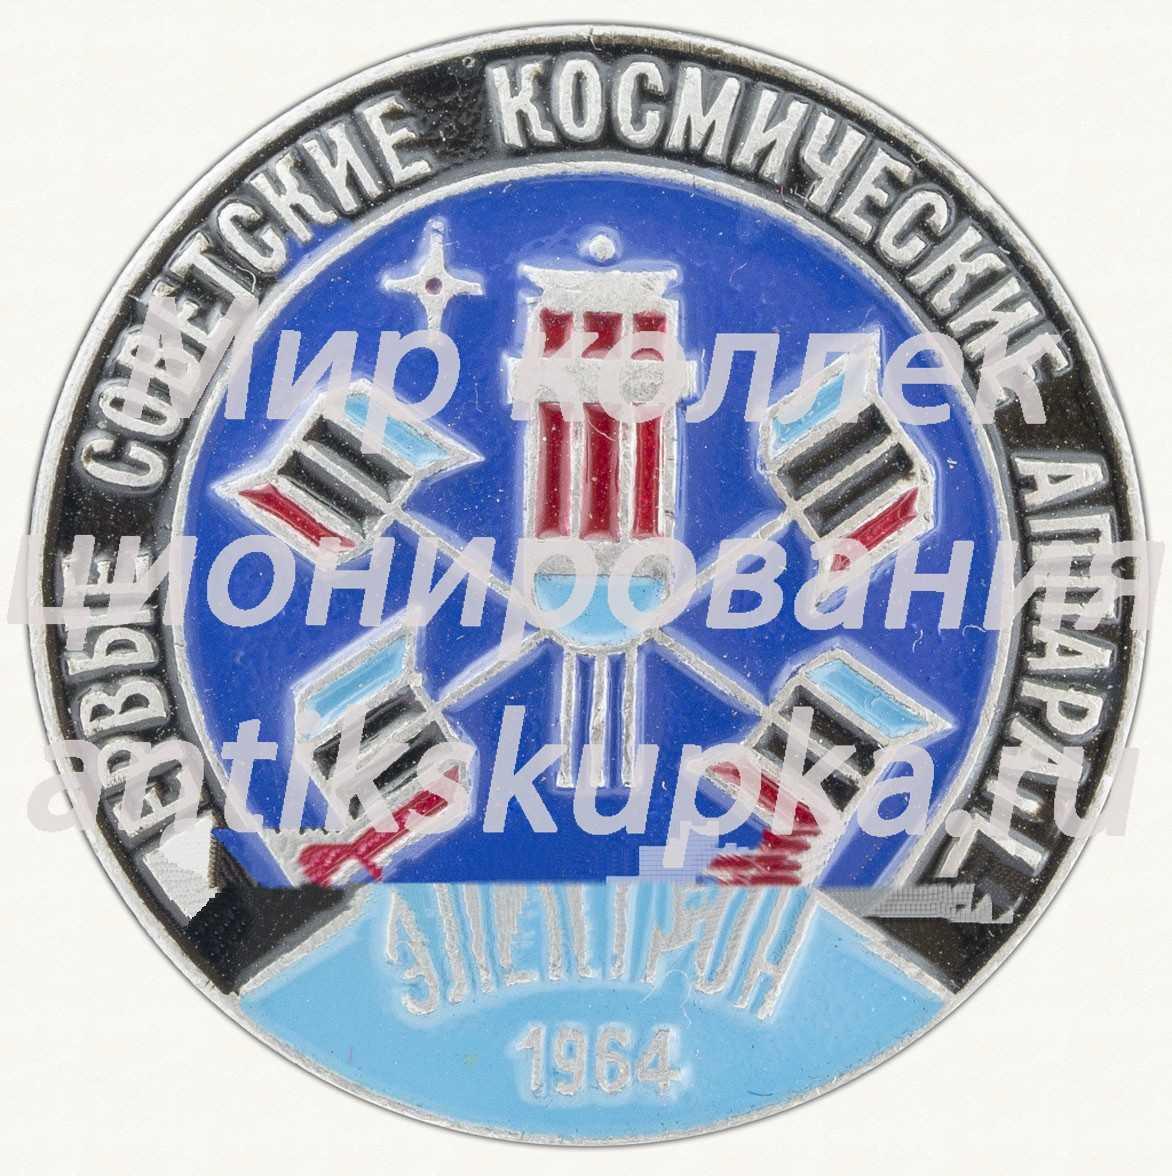 Cоветский искусственный спутник - «Электрон». 1964. СССР. Серия знаков «Первые советские космические аппараты»